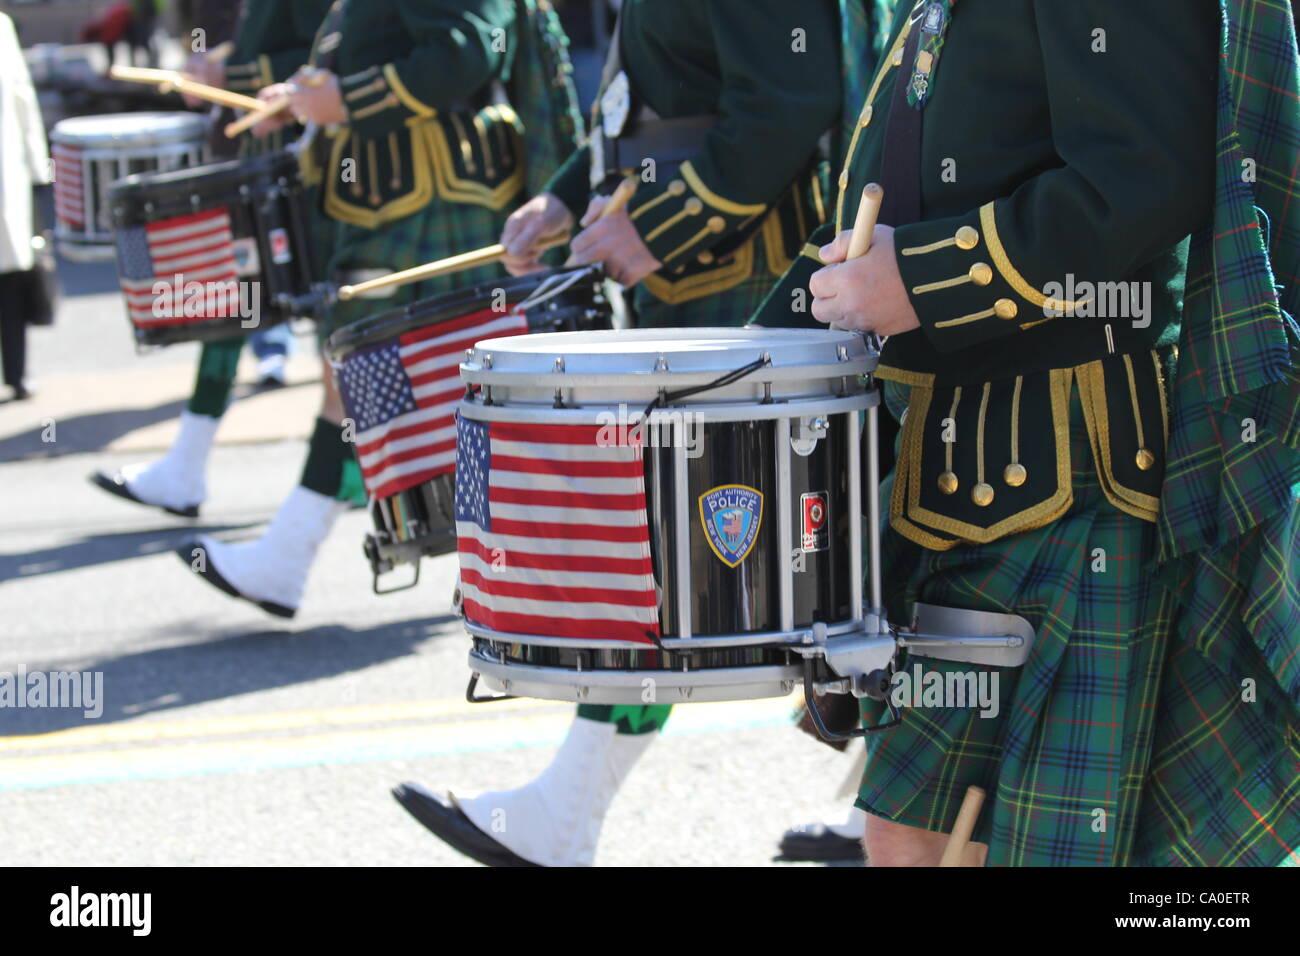 St.Patrick's Day 2012 West Orange, Nueva Jersey, EE.UU. Marzo 11th, 2012 Foto de stock